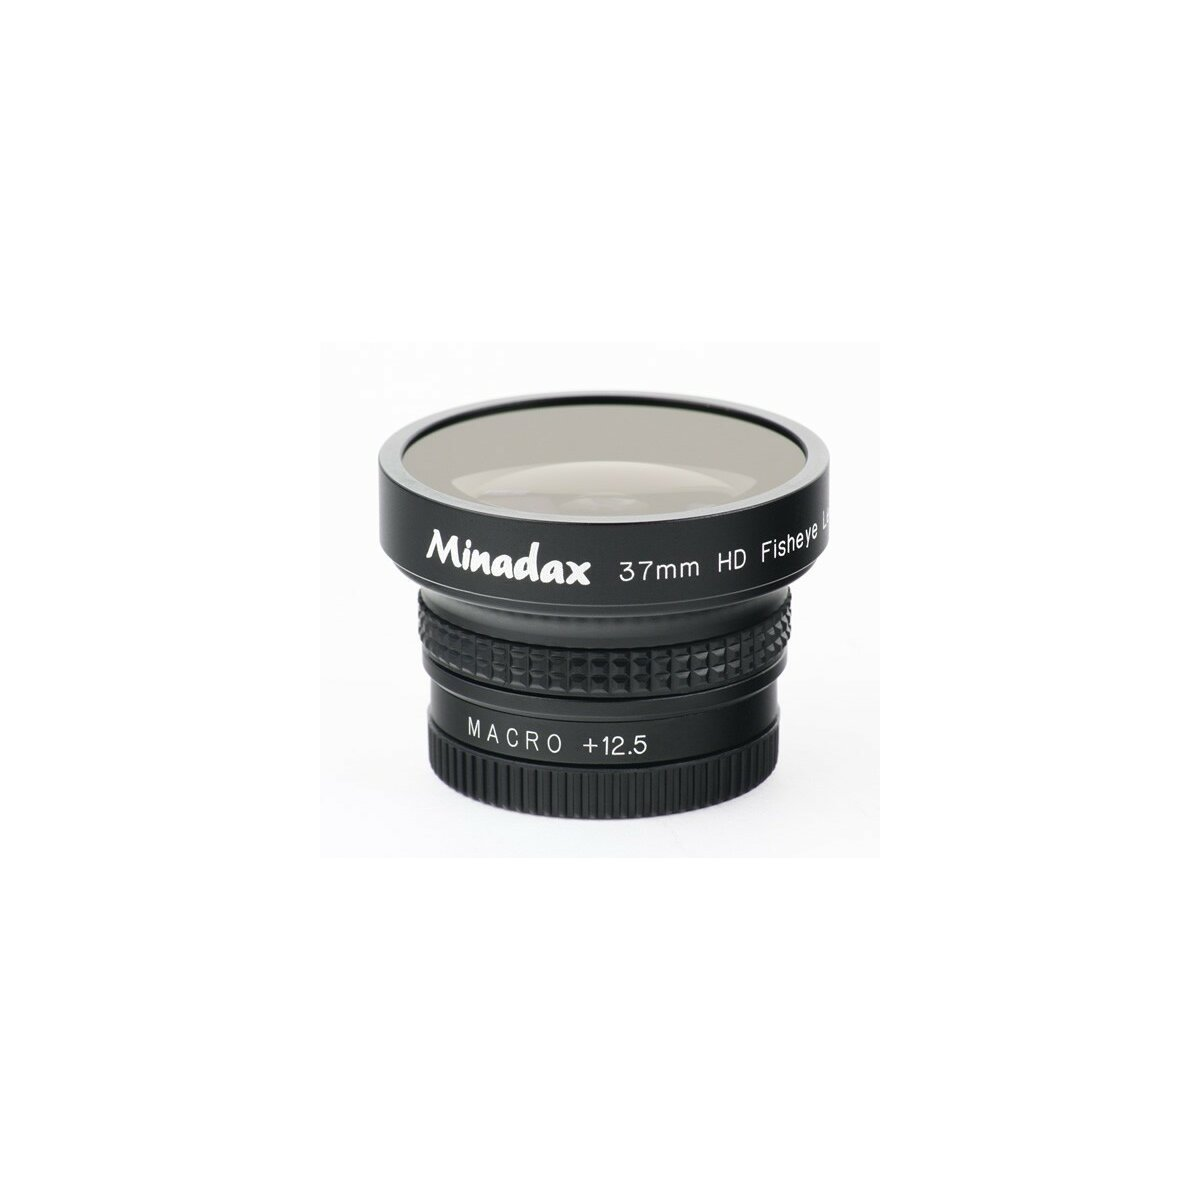 0.42x Minadax Fisheye Vorsatz kompatibel für Sony DSC-W1, DSC-W5, DSC-W7, DSC-W12, DSC-W15, DSC-W17